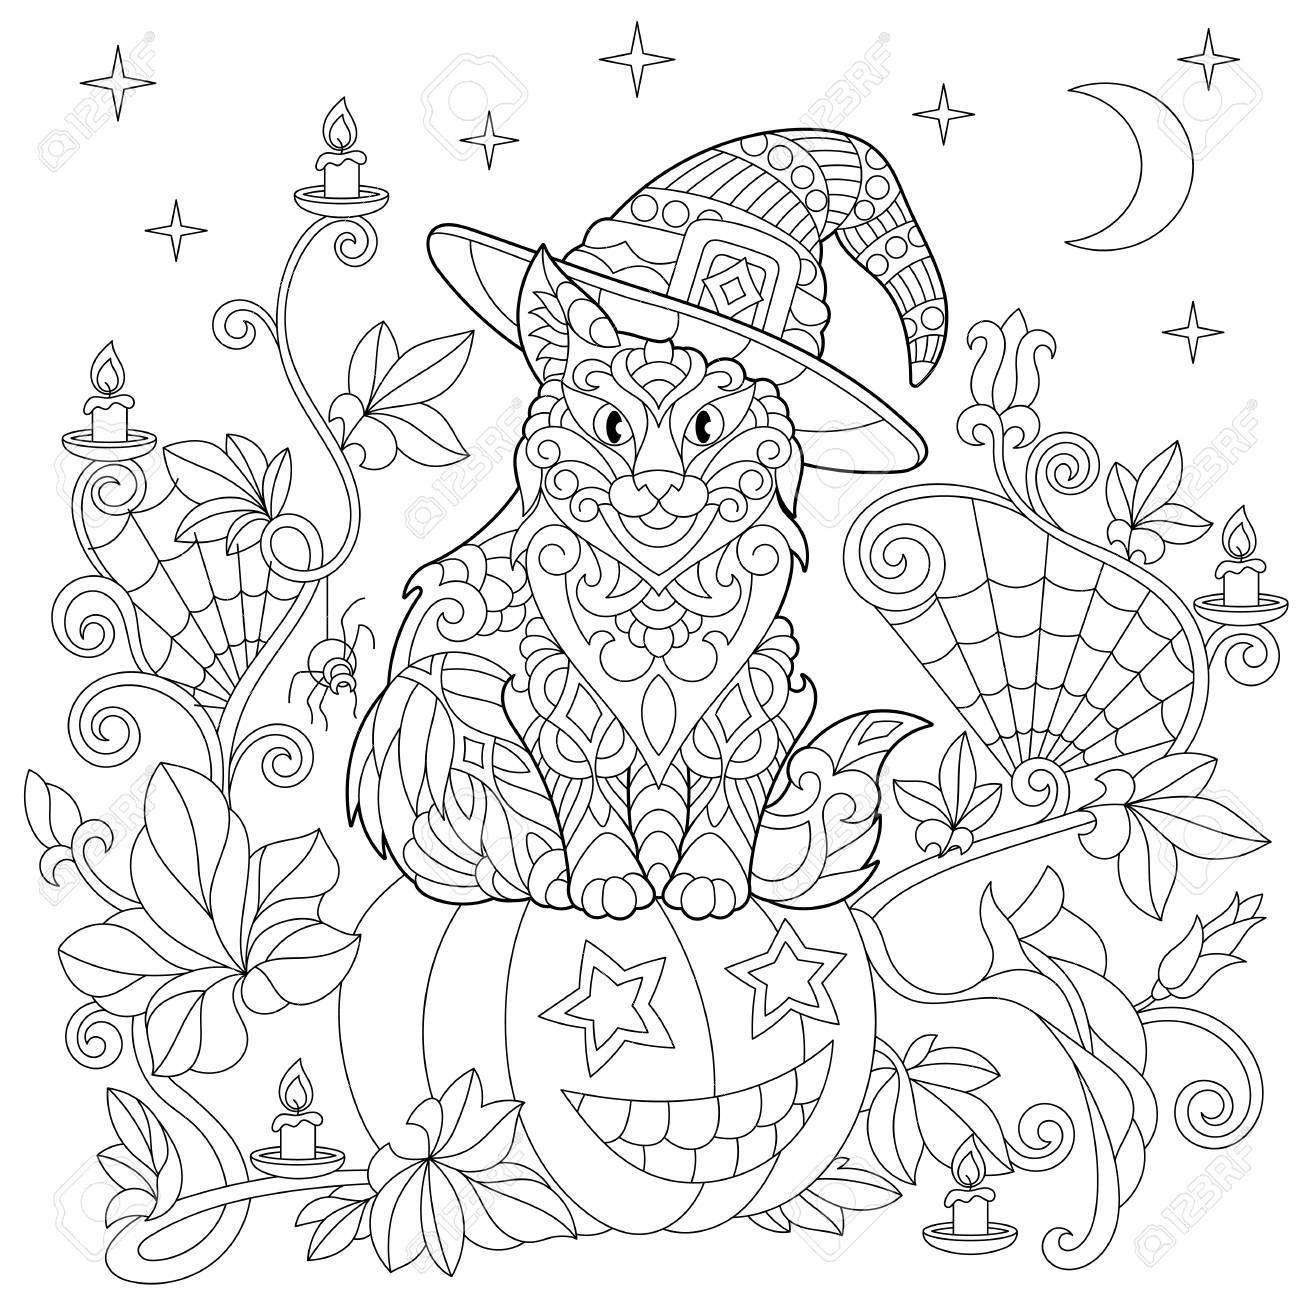 Halloween Ausmalbilder Spinne Genial Halloween Malvorlagen Katze In Einem Hut Halloween Kürbis Bild